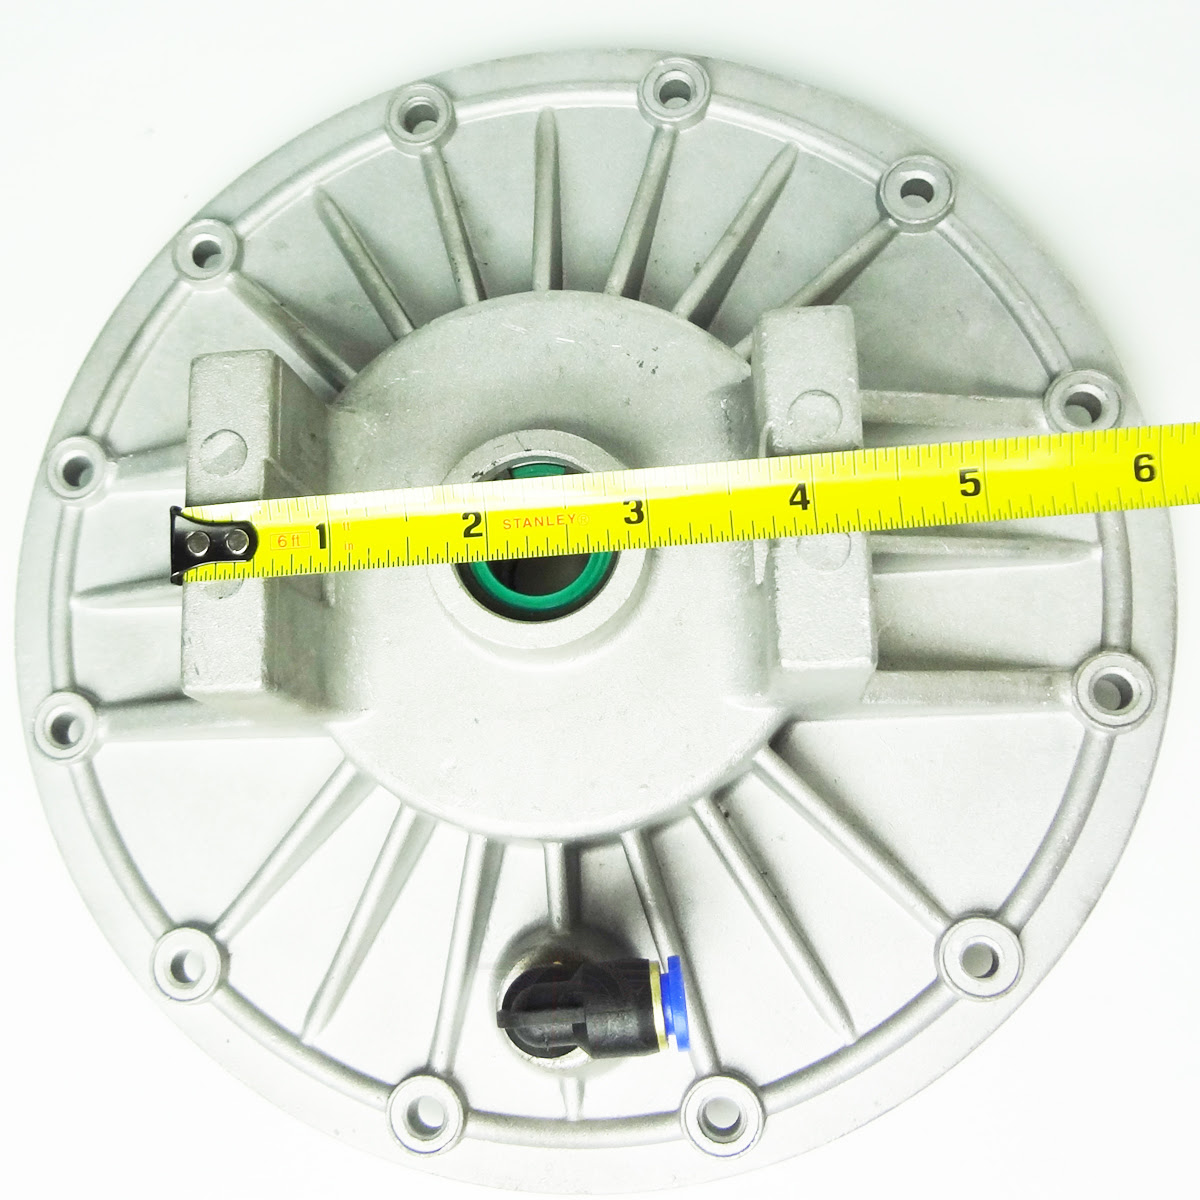 Corghi 351905 Tire Changer Bead Loosener Cylinder Flange